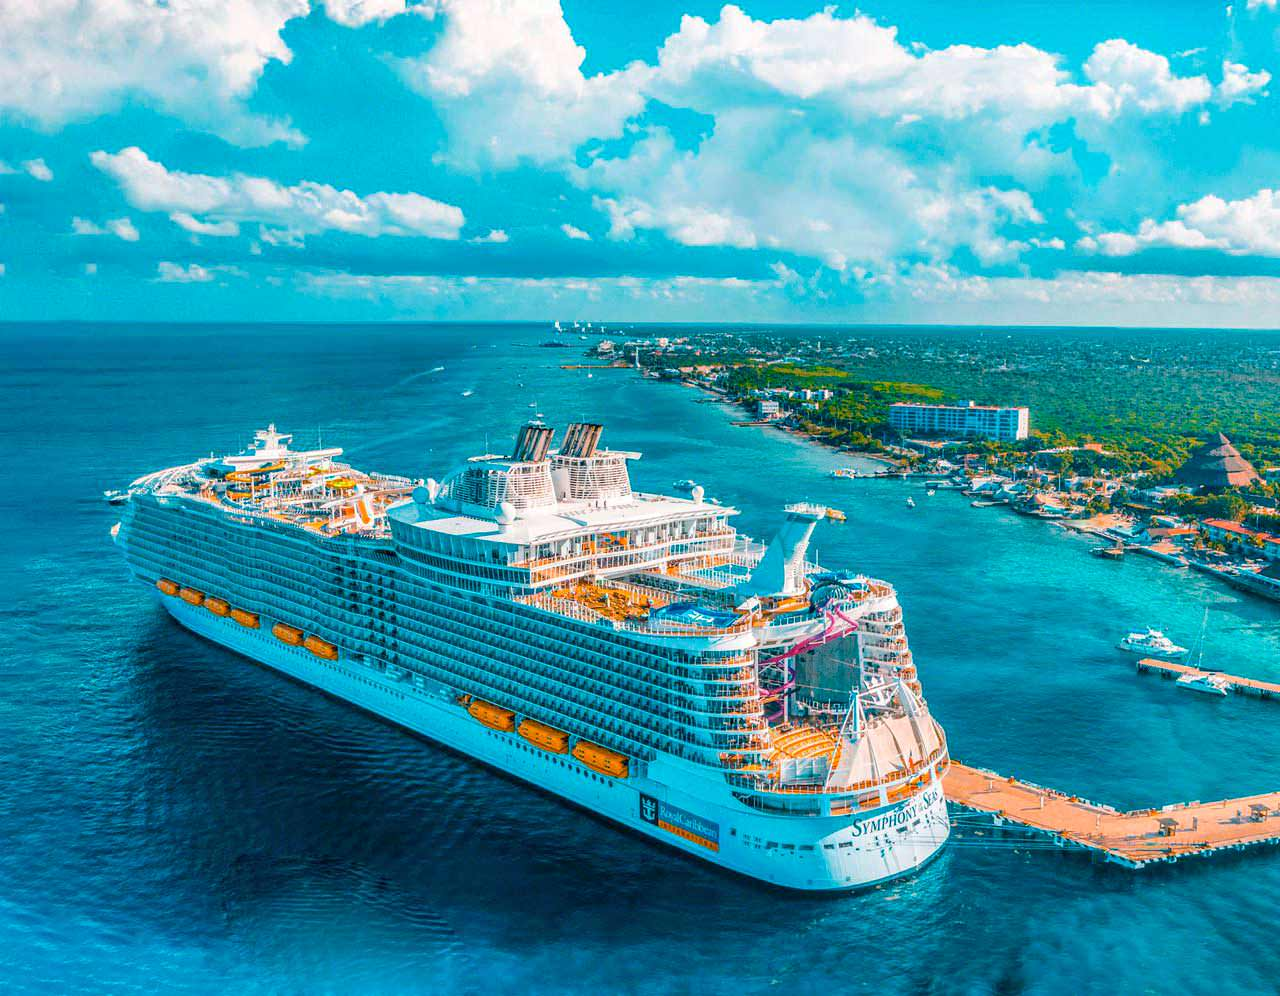 Огромный круизный лайнер Symphony Of The Seas